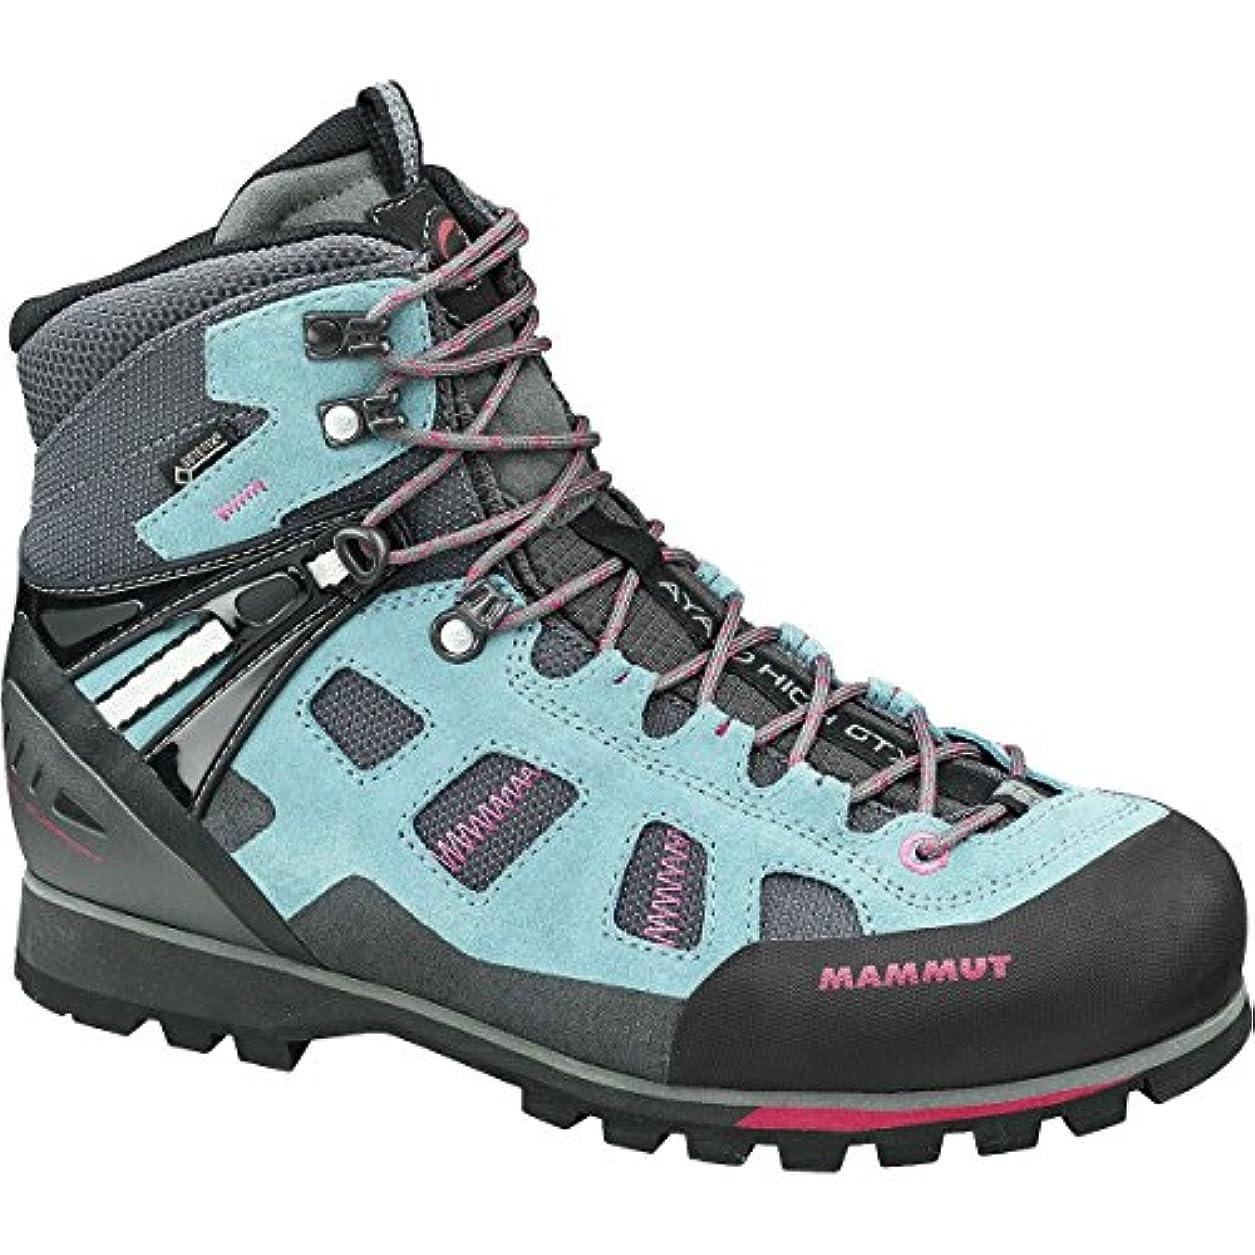 つづりかまどディスク[マムート] Ayako High GTX Backpacking Boot レディース ハイキングシューズ [並行輸入品]